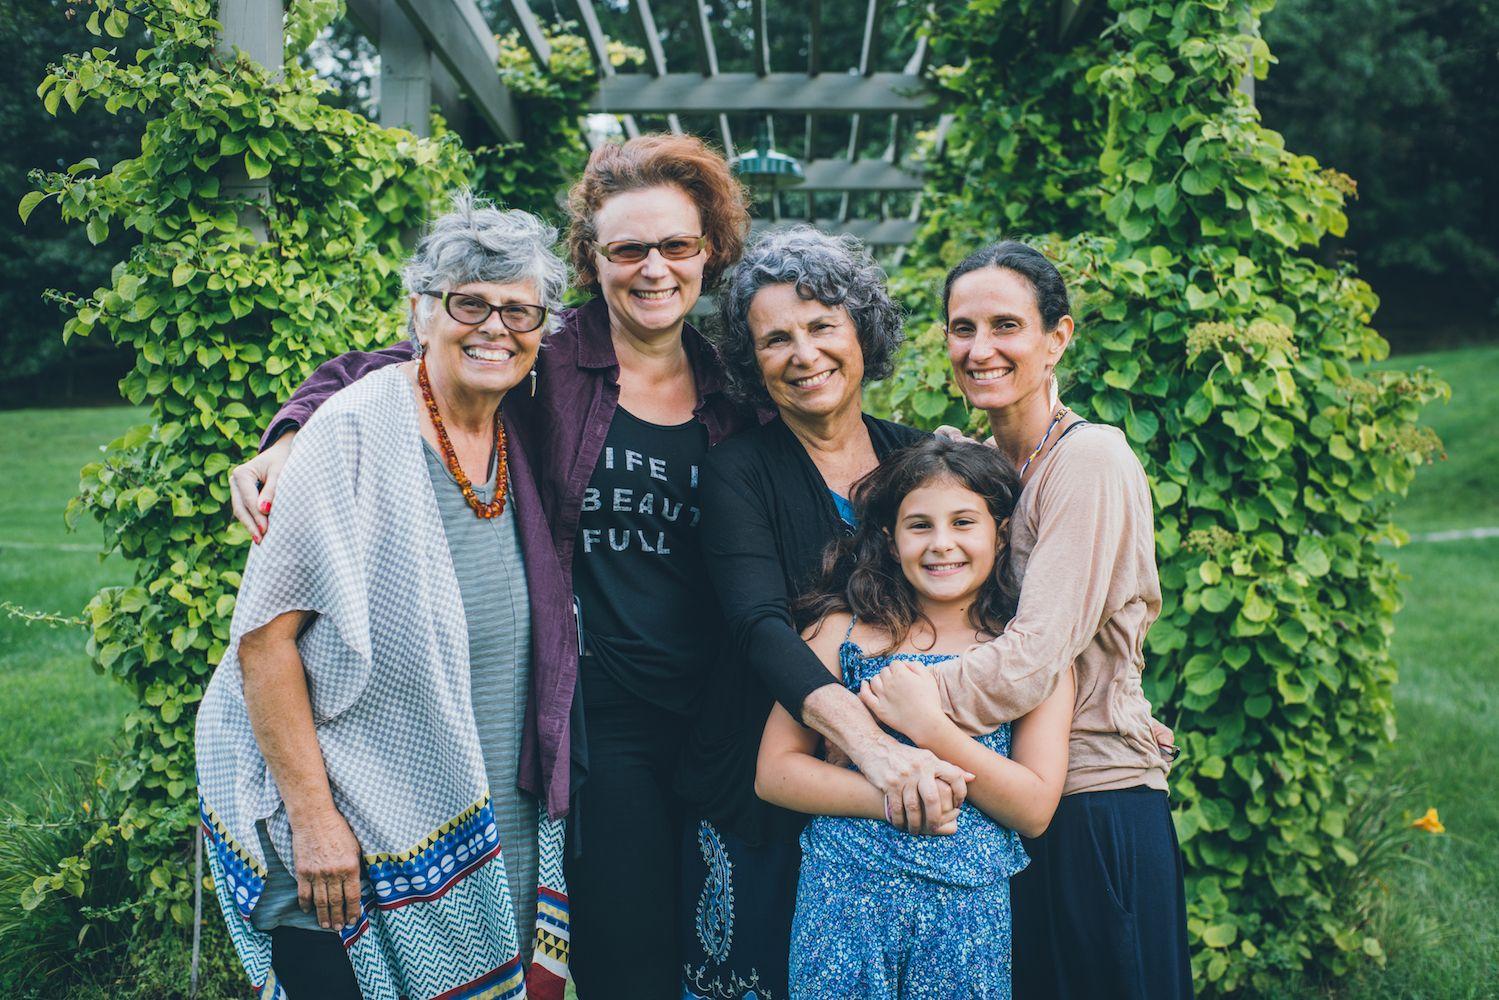 INANNA CHAMPAGNE (far left)